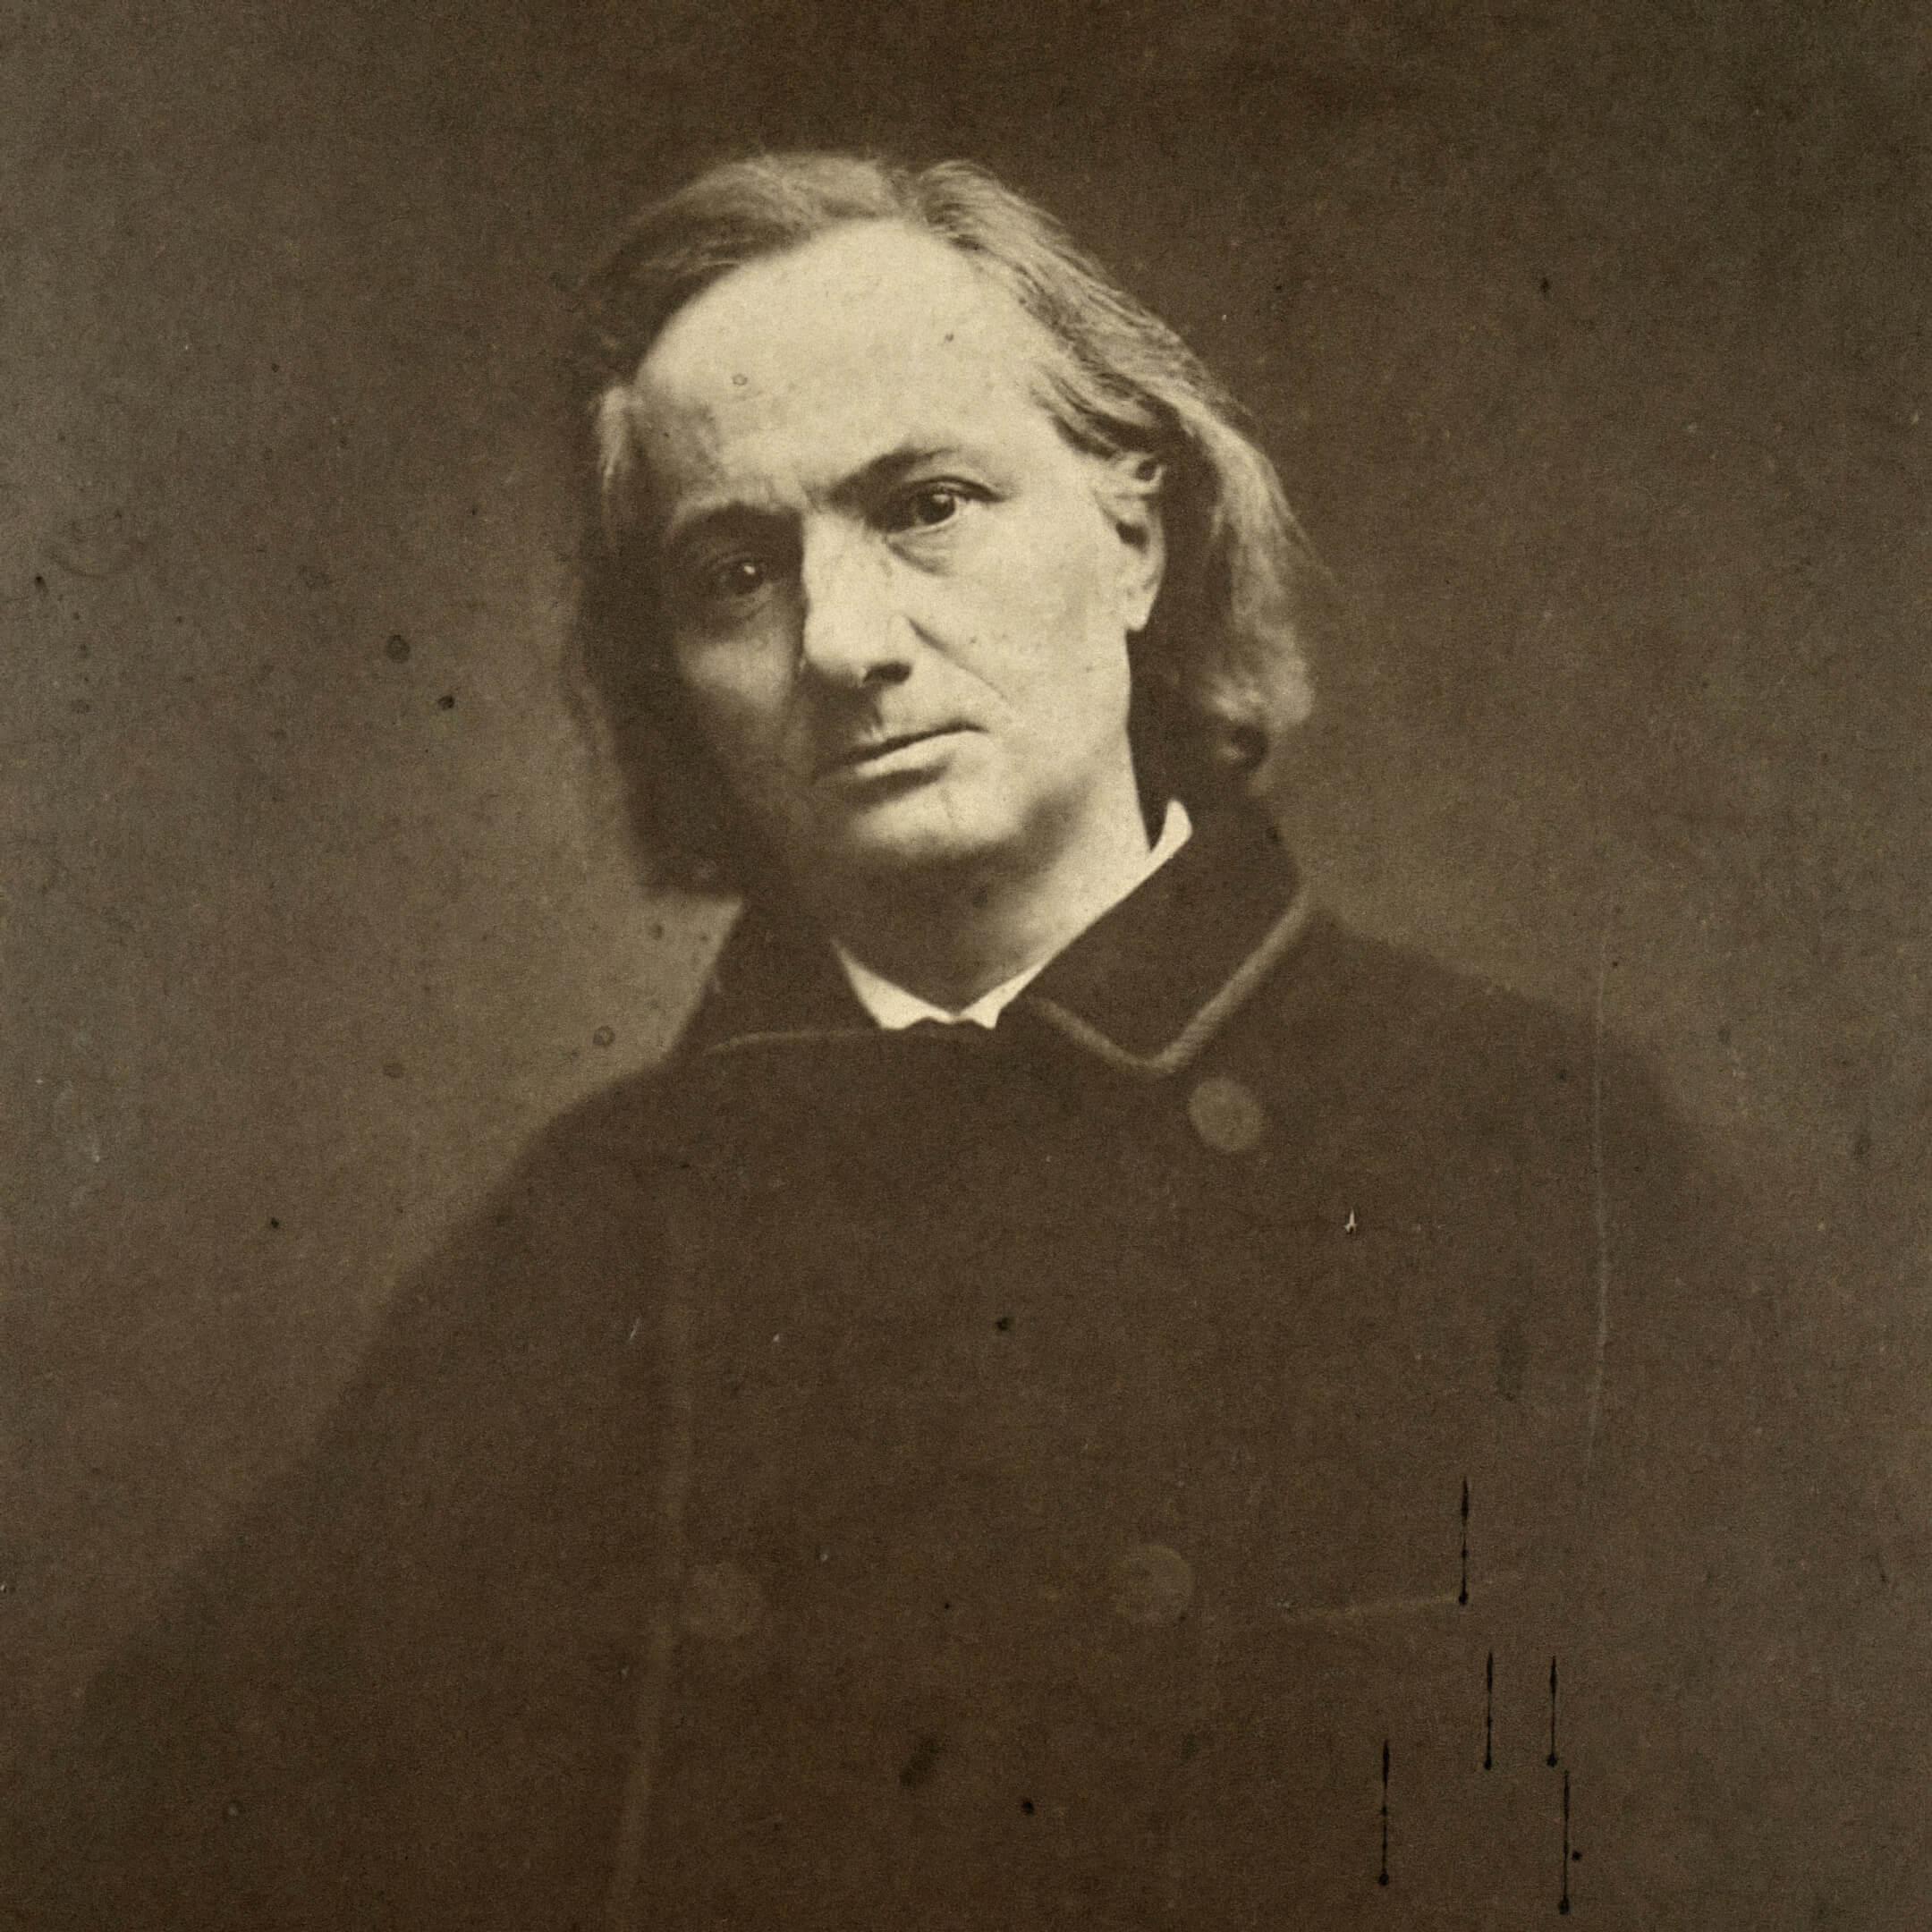 Шарль Бодлер в1865году, последнее фото перед его смертью. Фотограф: Étienne Carjat. Источник: commons.wikimedia.org